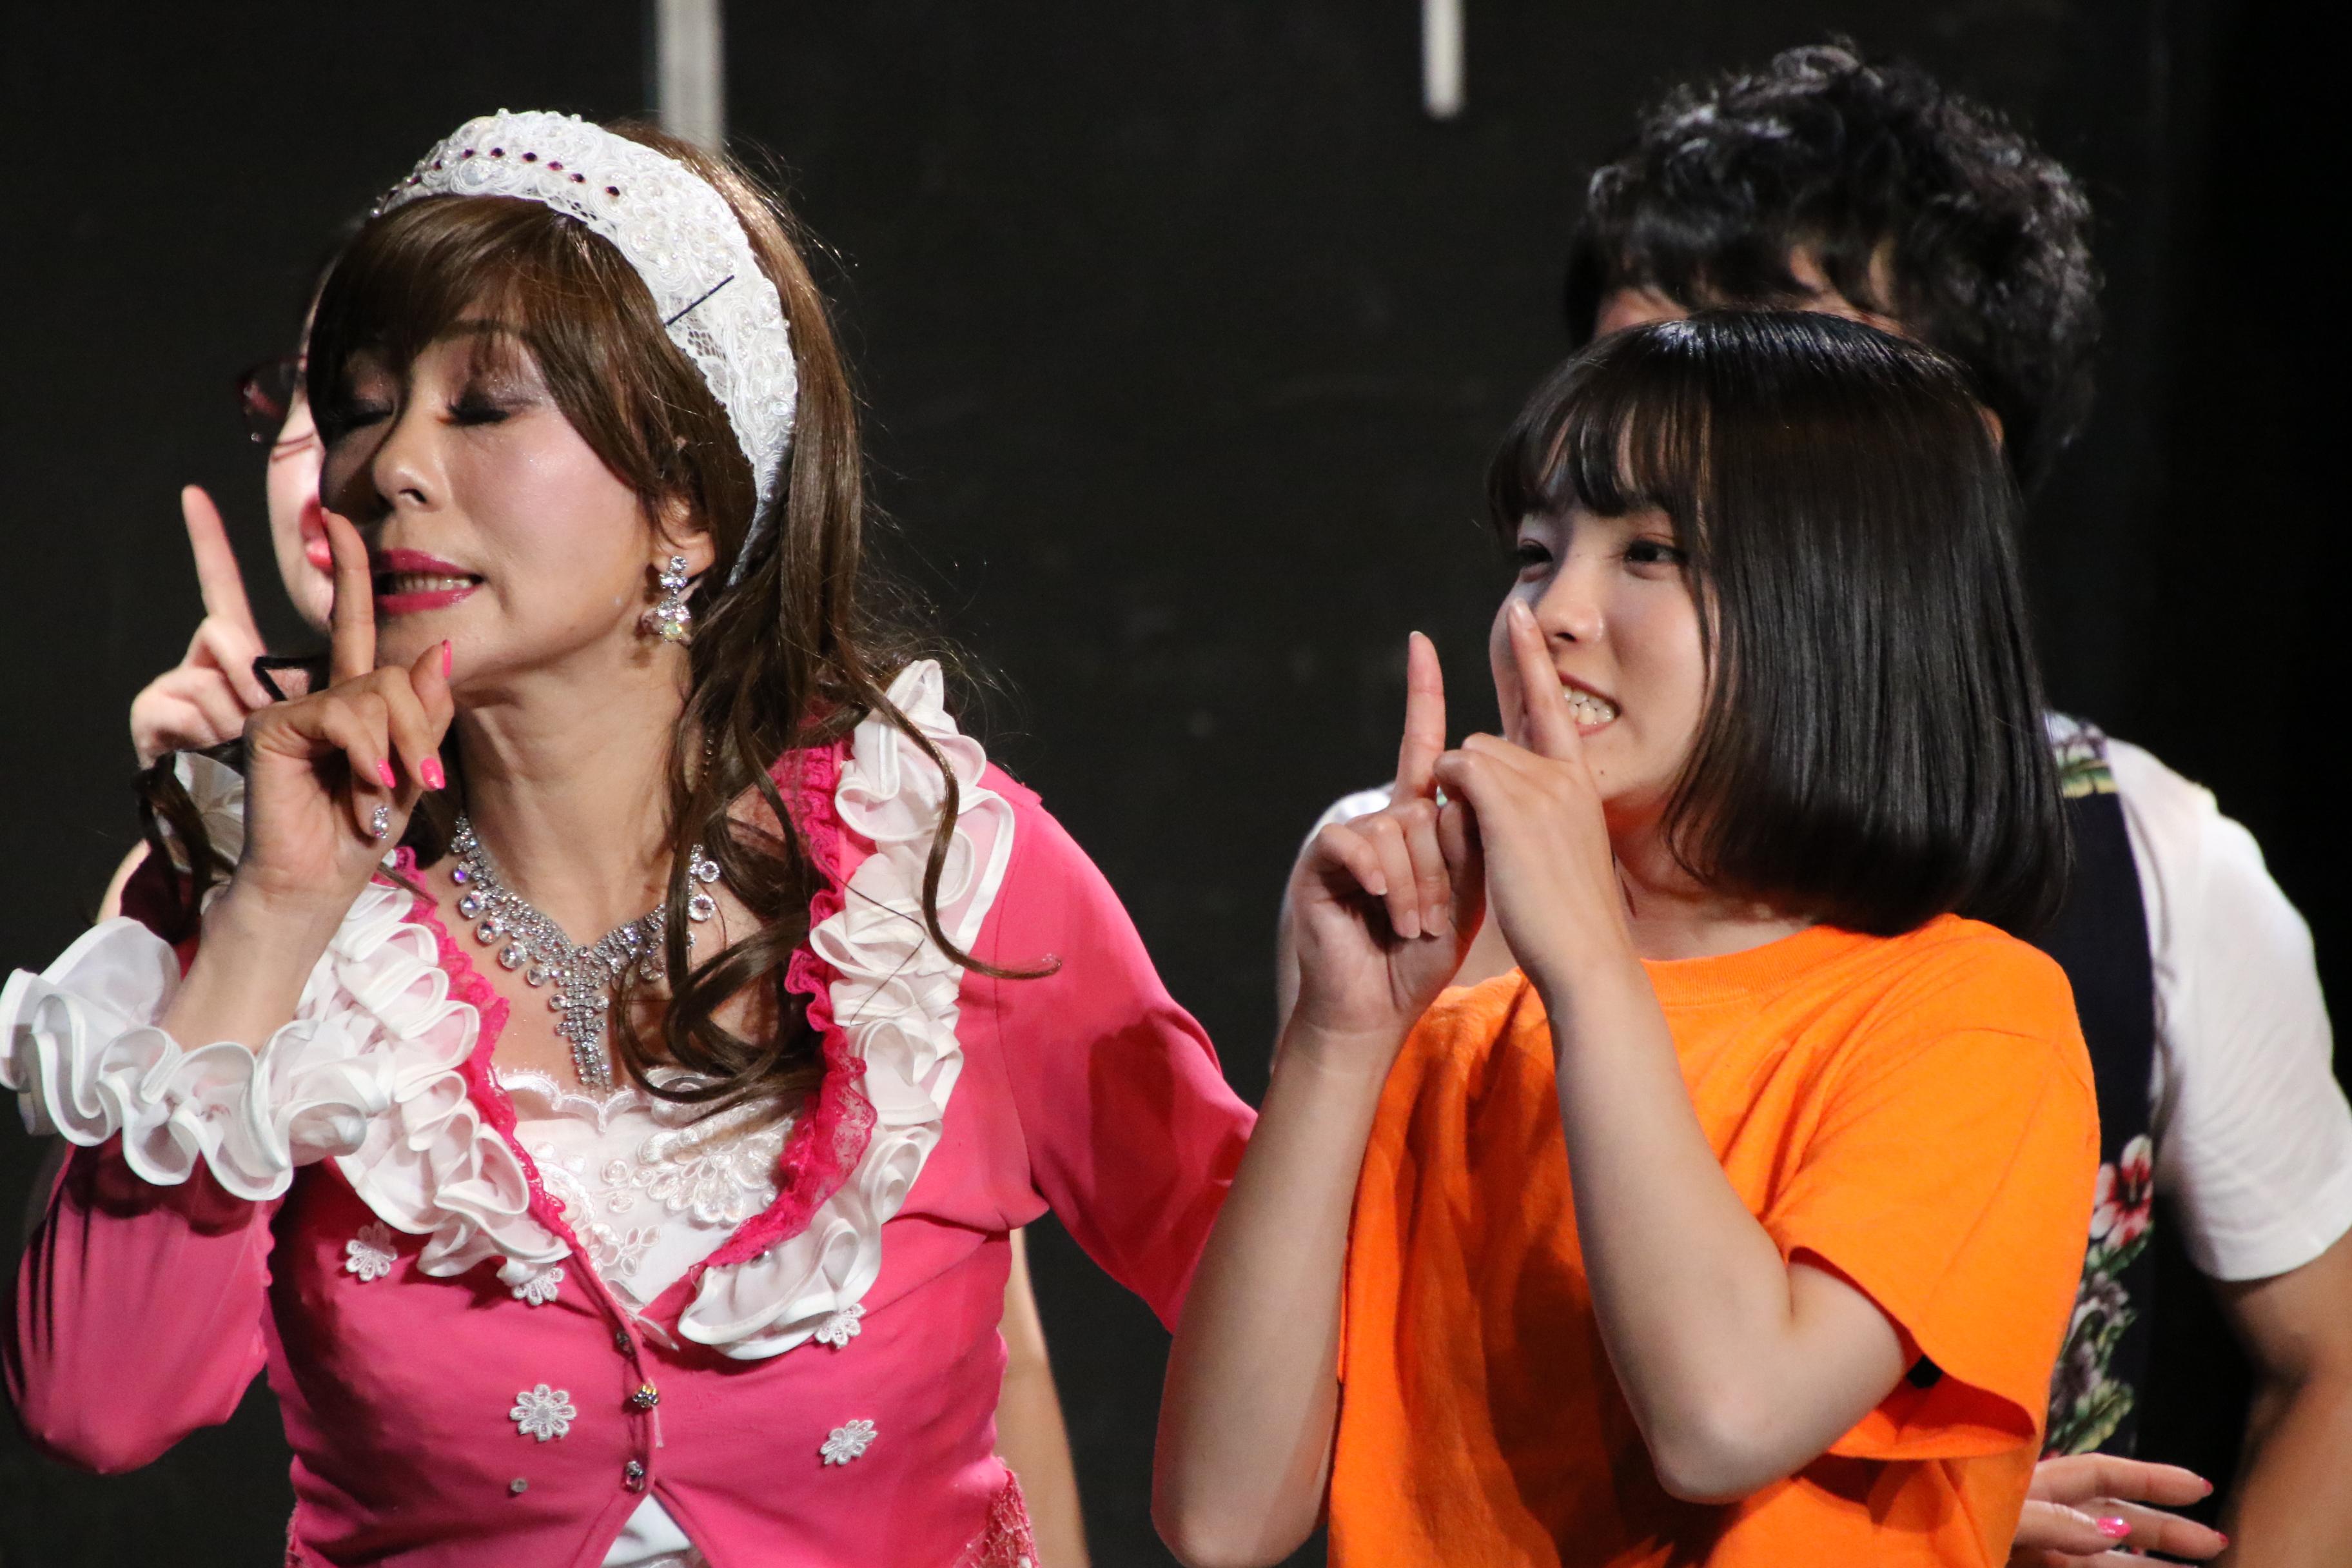 舞台「ダンスレボリュ―ション~ホントのワタシ~」で山川いろは役を演じる高橋彩音(右)